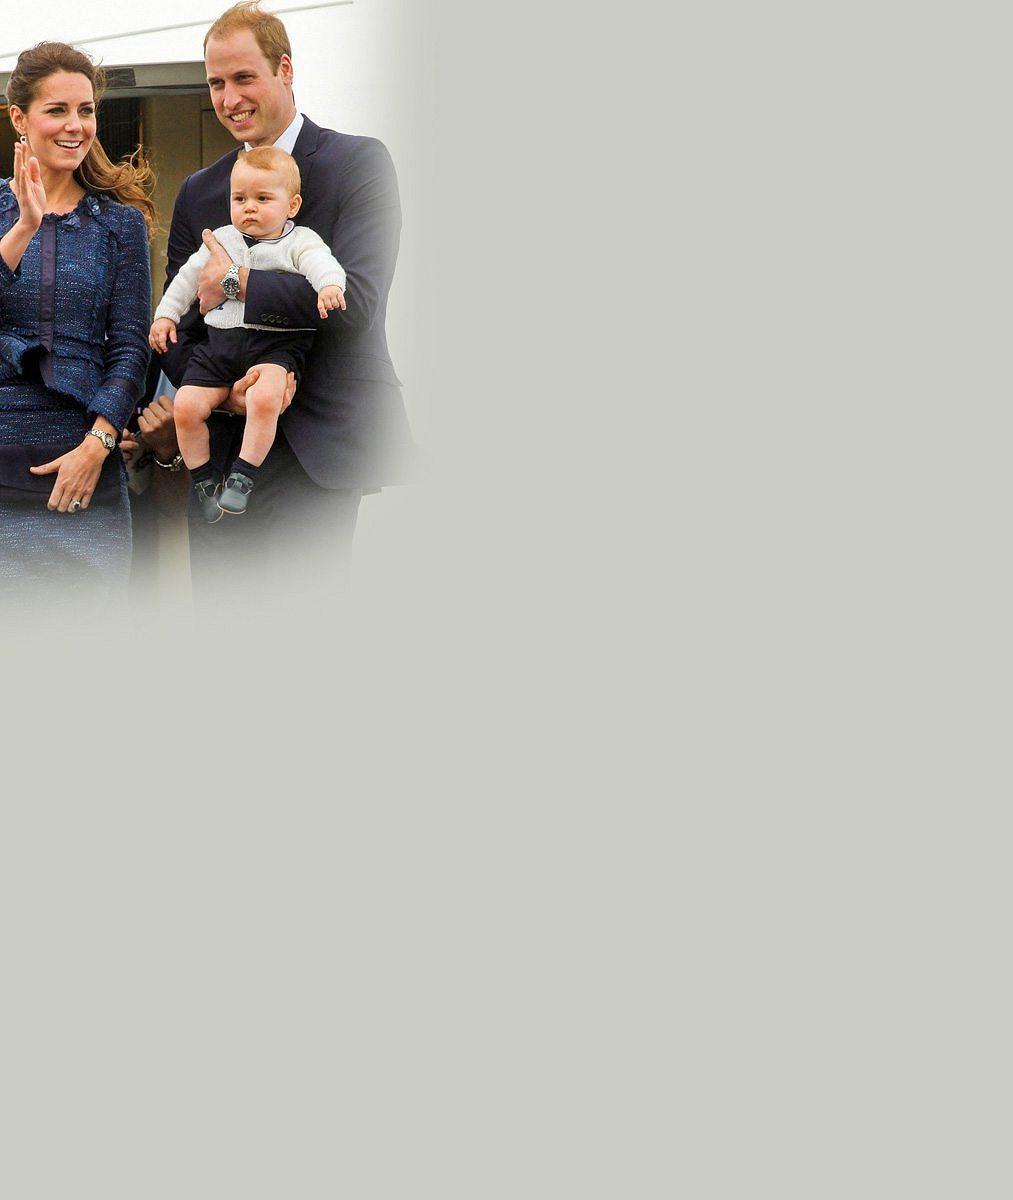 Vévodkyně Kate míří do světa filmu: Její druhé těhotenství proběhne pod dohledem kamer